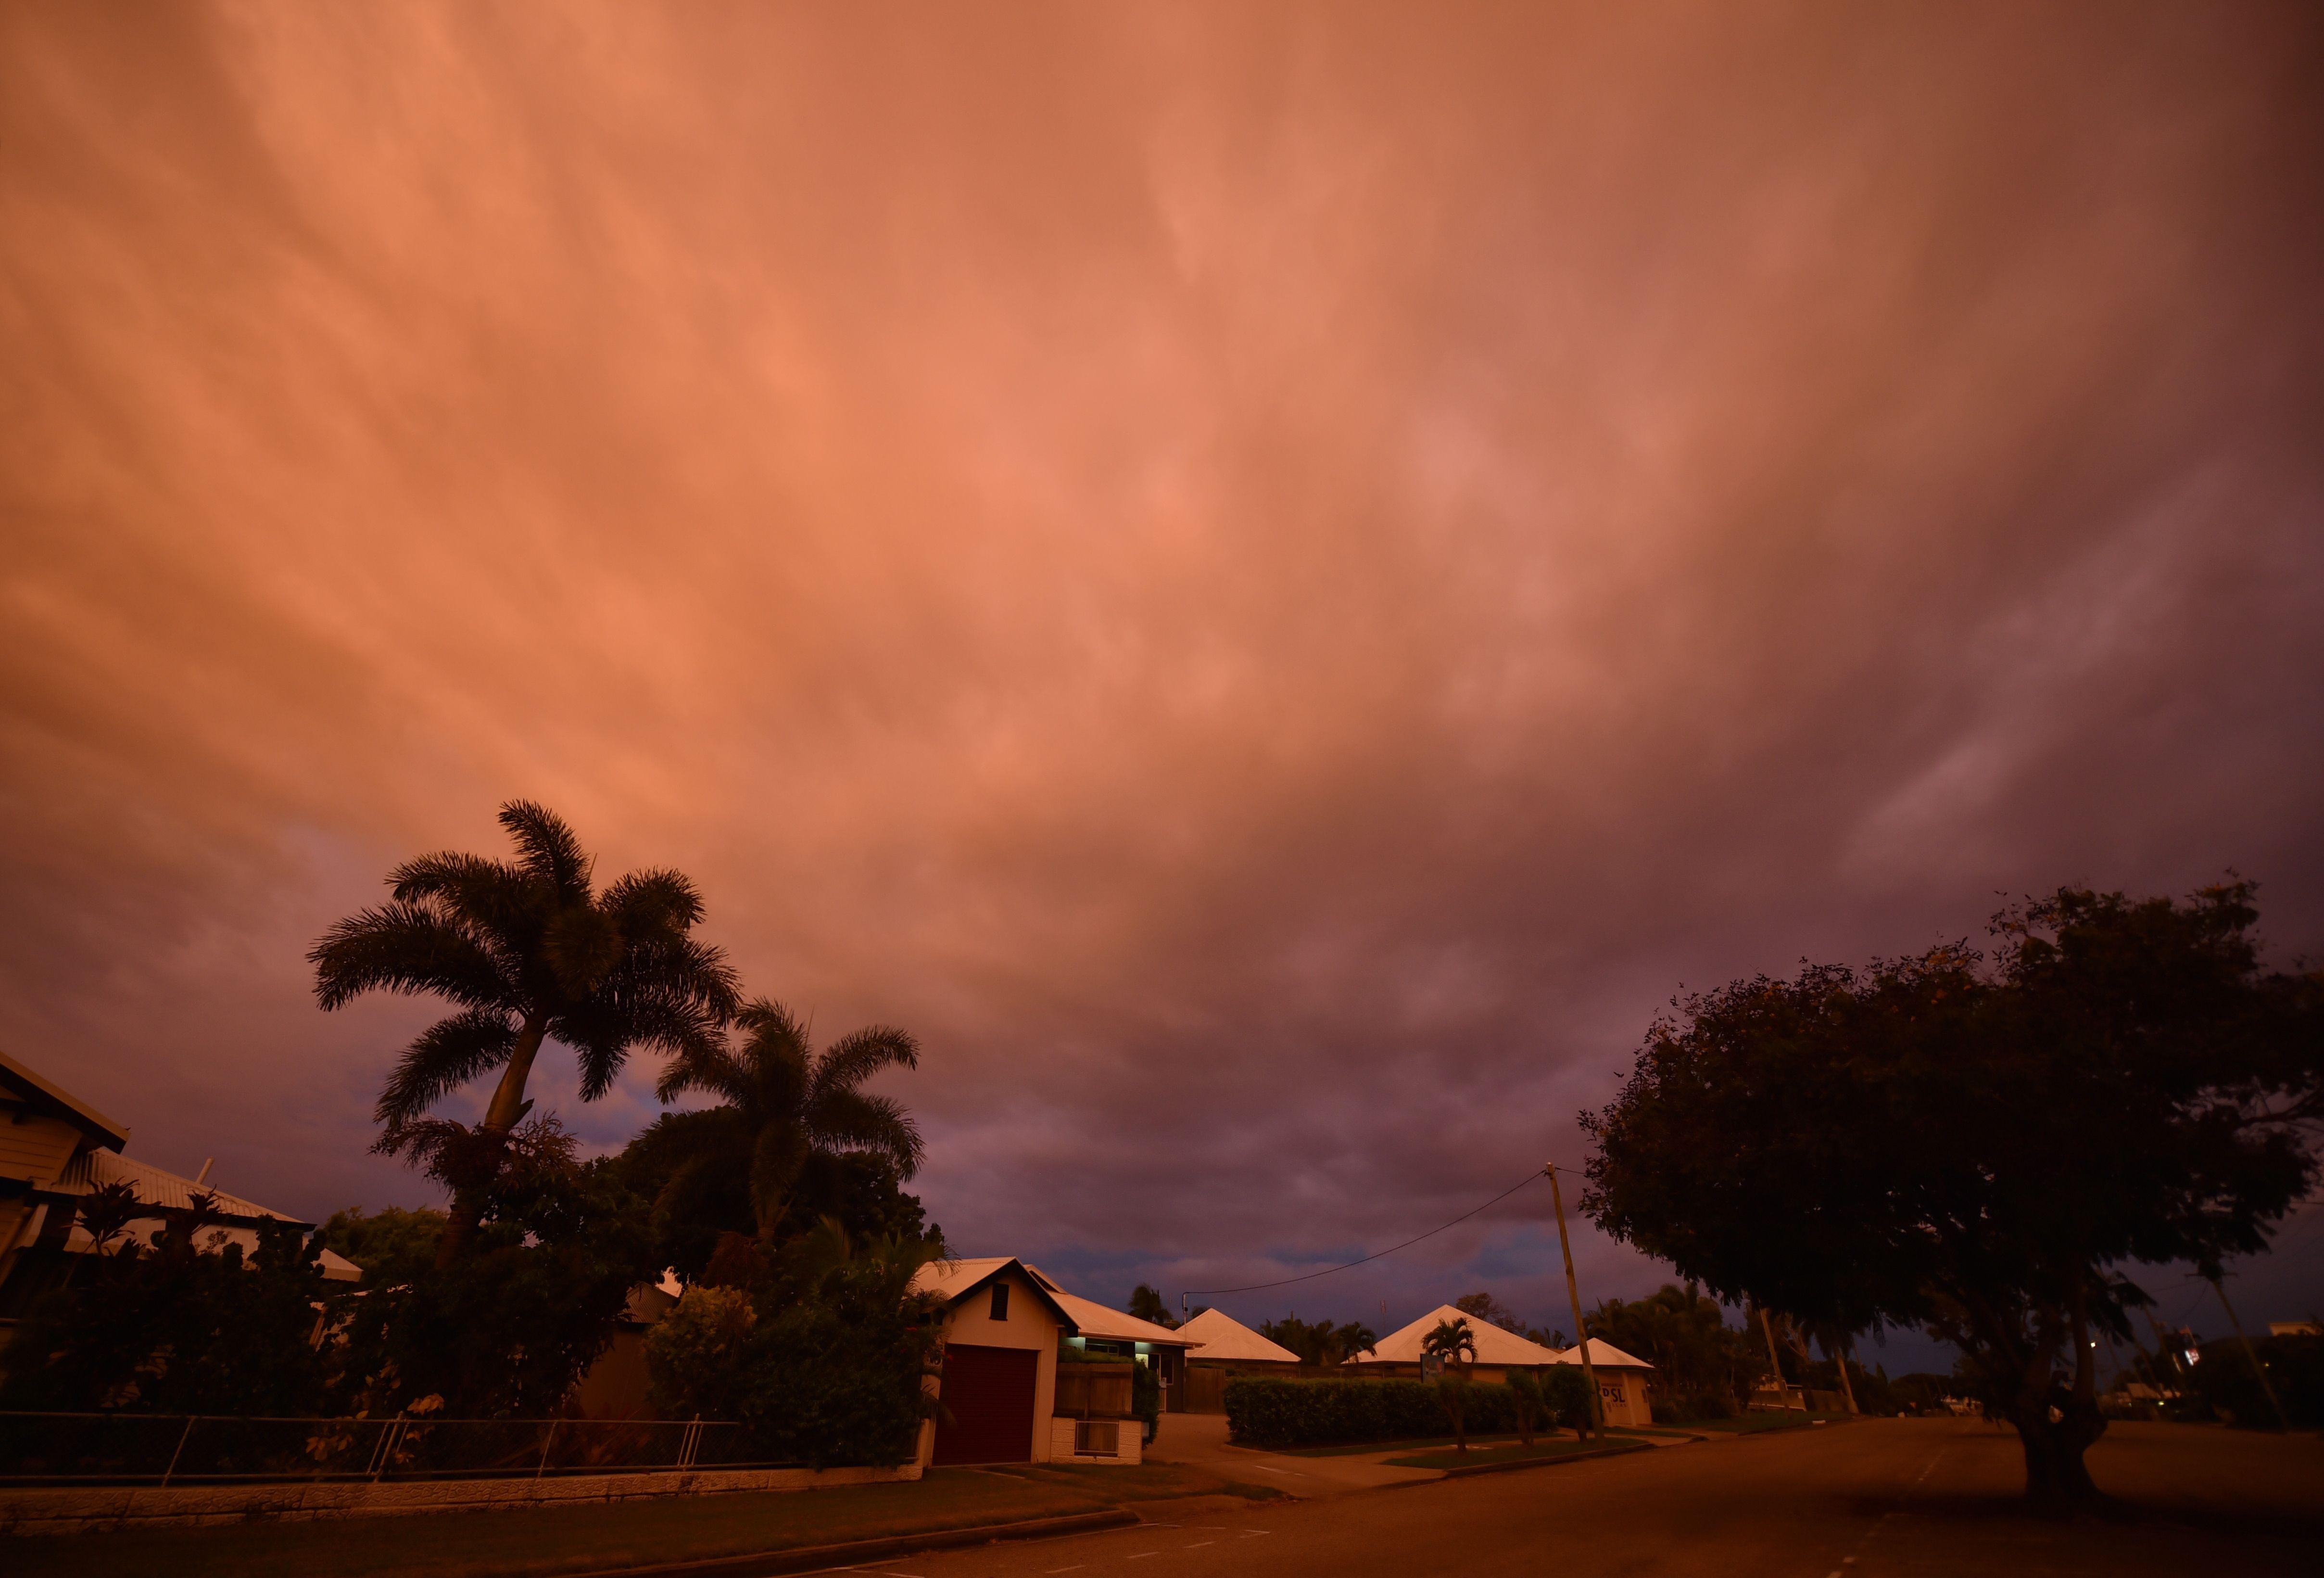 سحب ترابية تغطى سماء المناطق الساحلية فى أستراليا